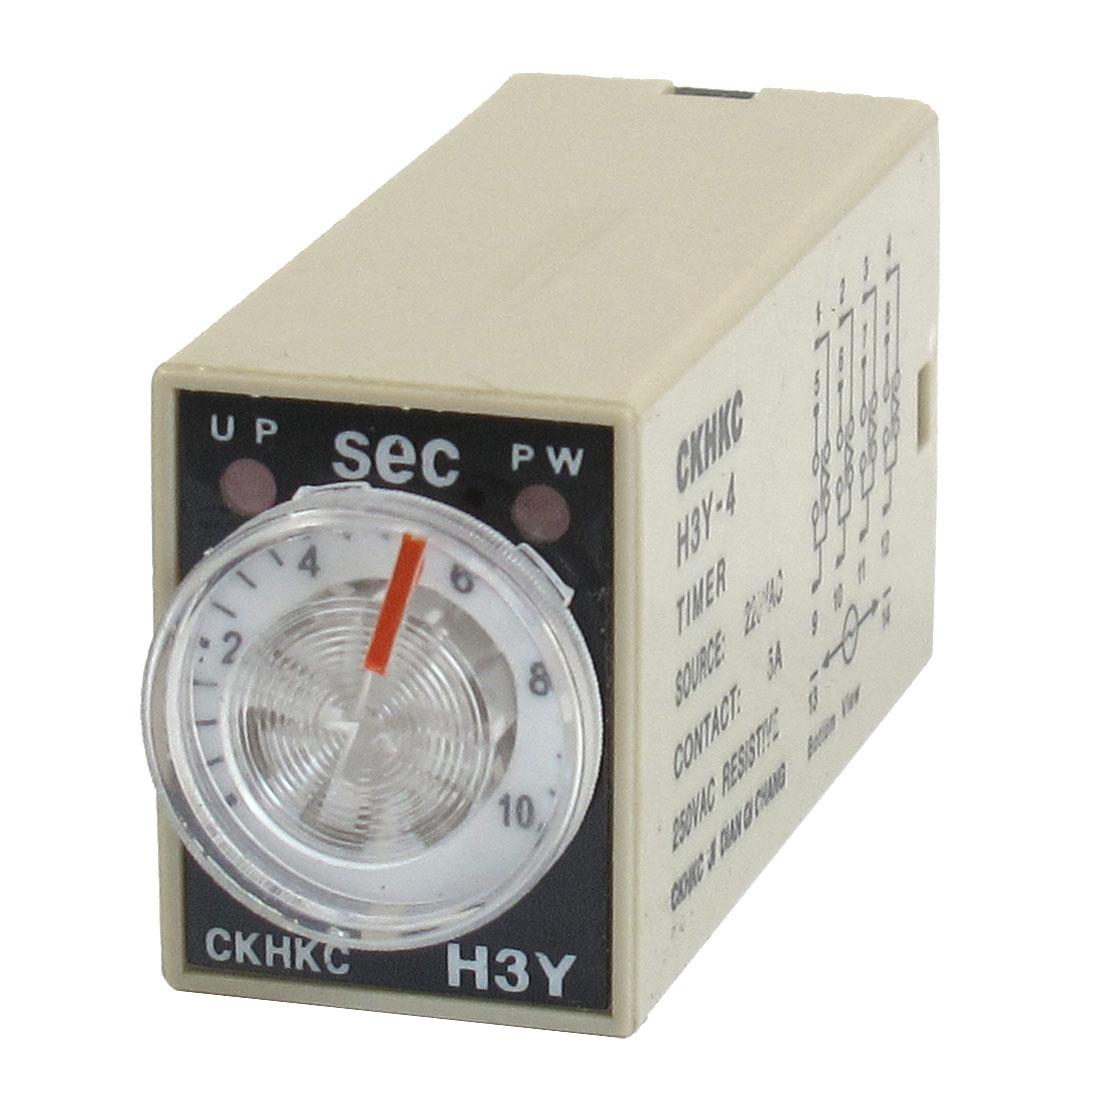 H3Y-4 AC 220V 4PDT 0-10 Sec 10S 14 Pins Plug in Power on Time Delay Relay